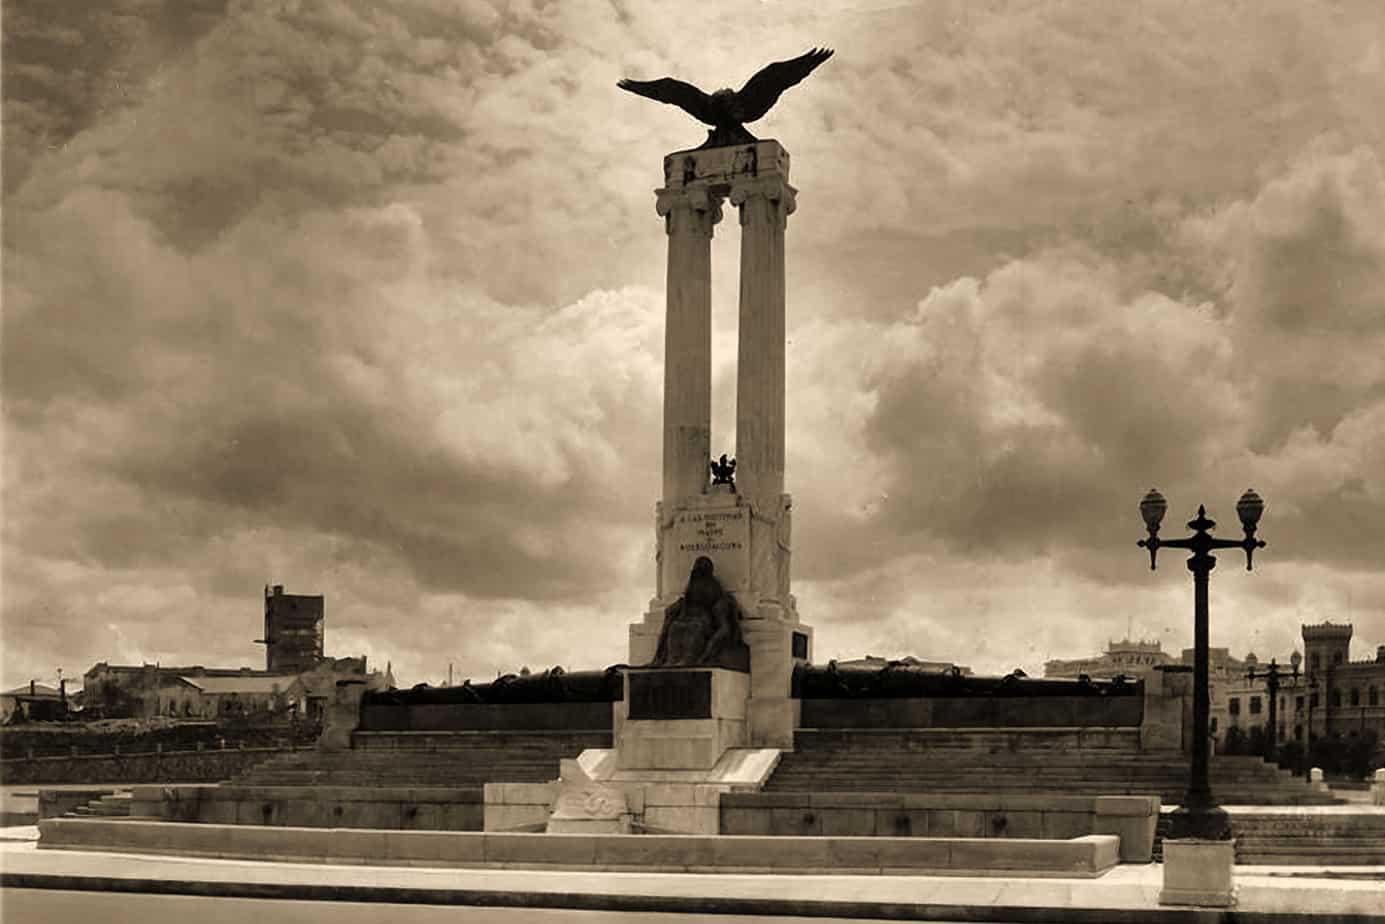 La agitada y curiosa historia del monumento a las víctimas del Maine en La Habana